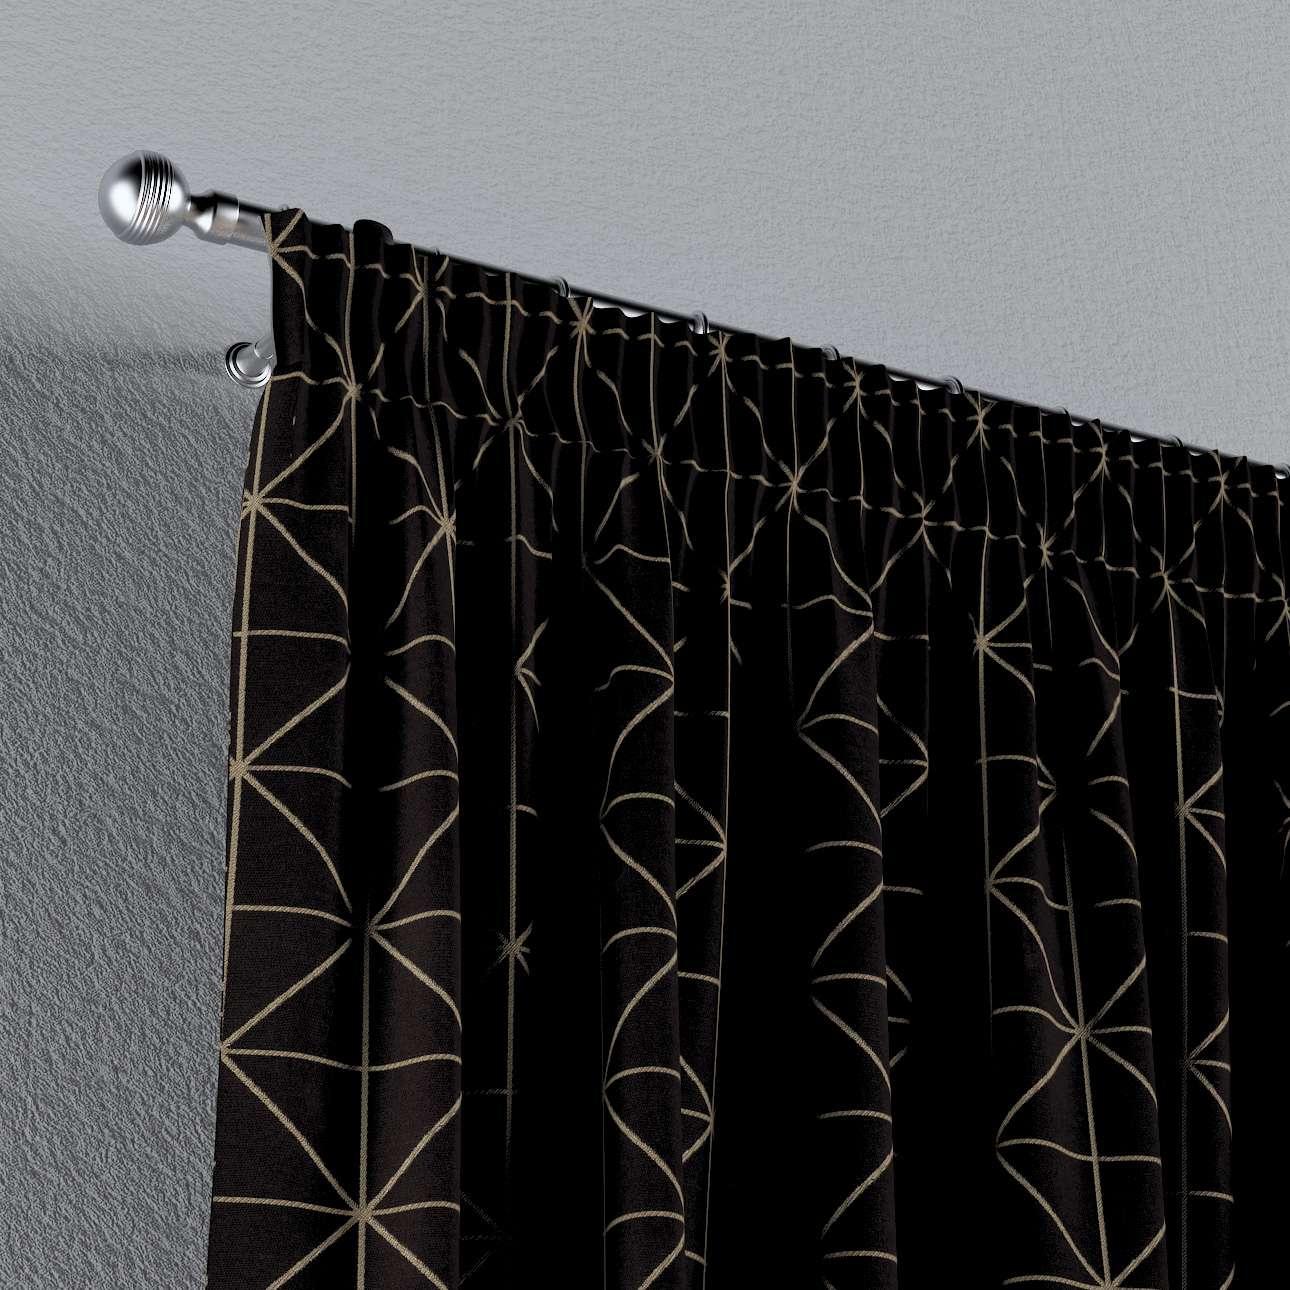 Zasłona na taśmie marszczącej 1 szt. w kolekcji Black & White, tkanina: 142-55